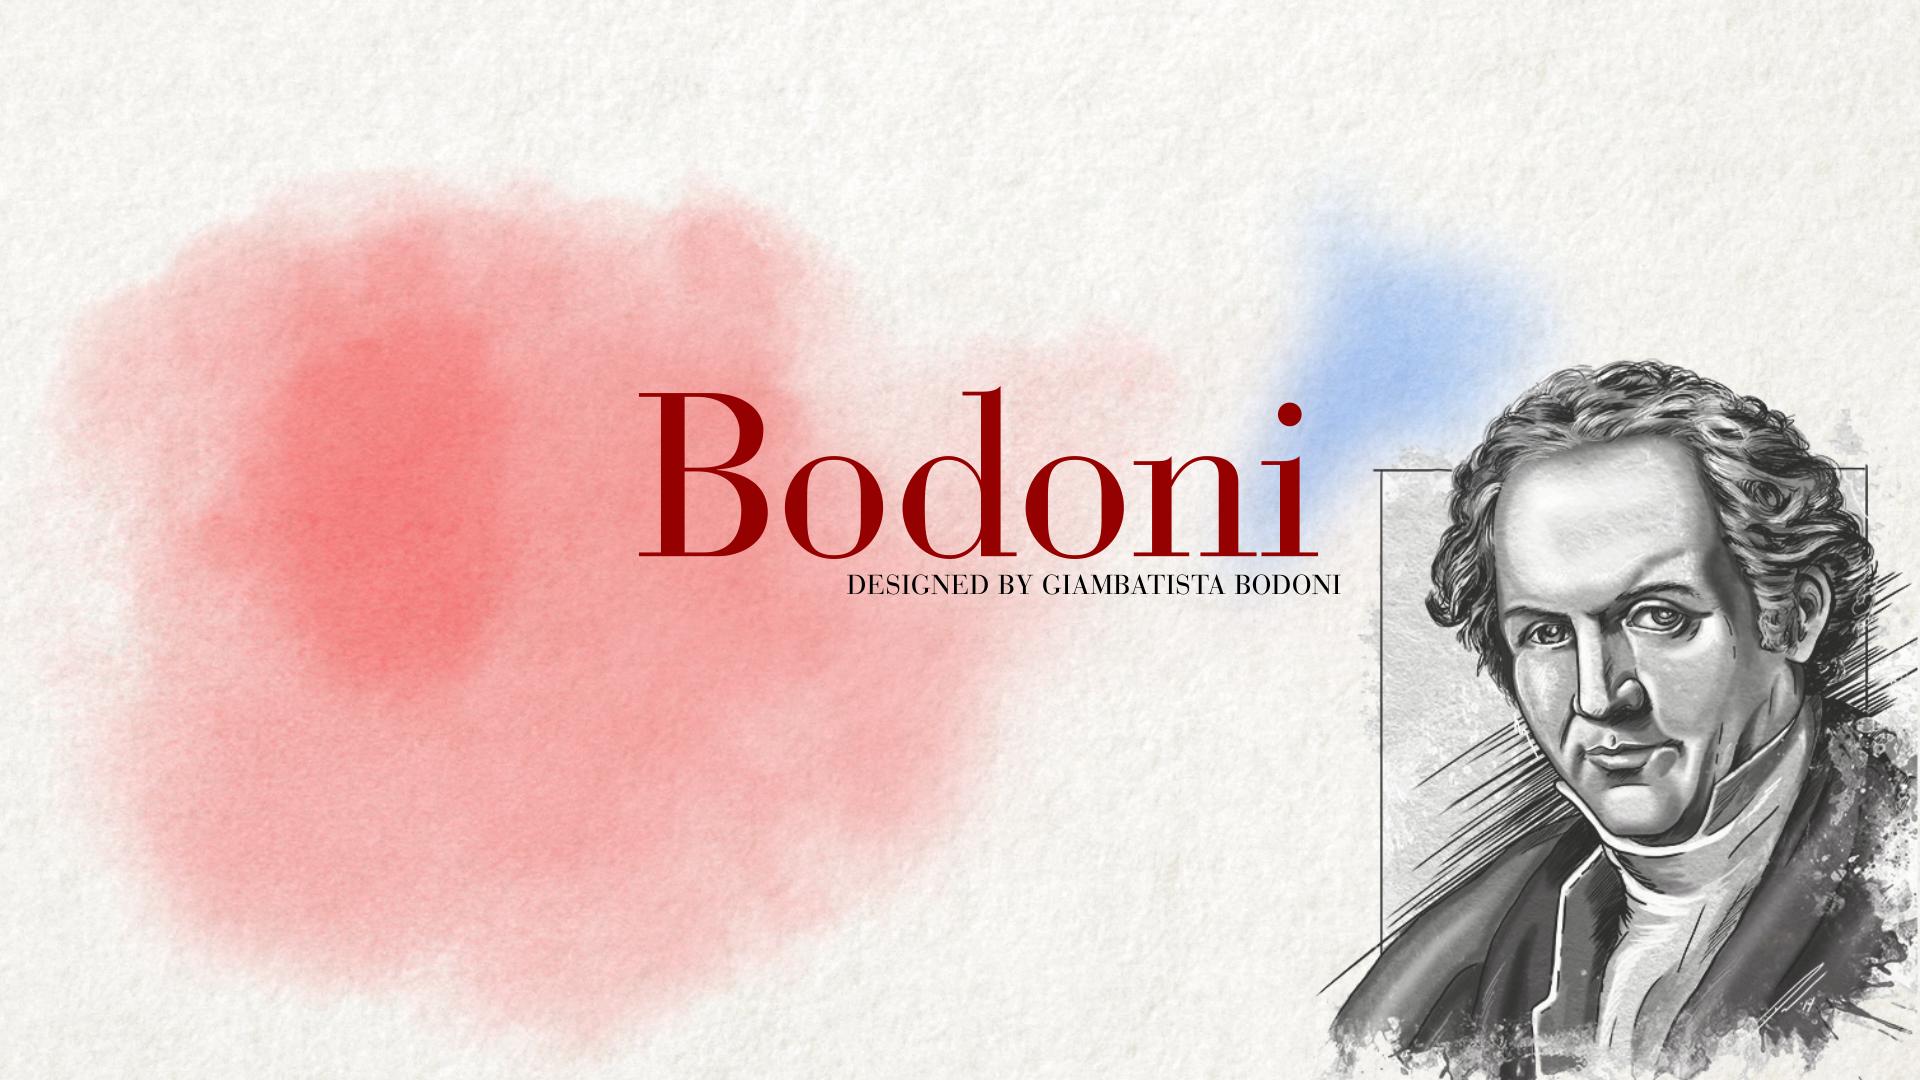 bodoni_00056.png